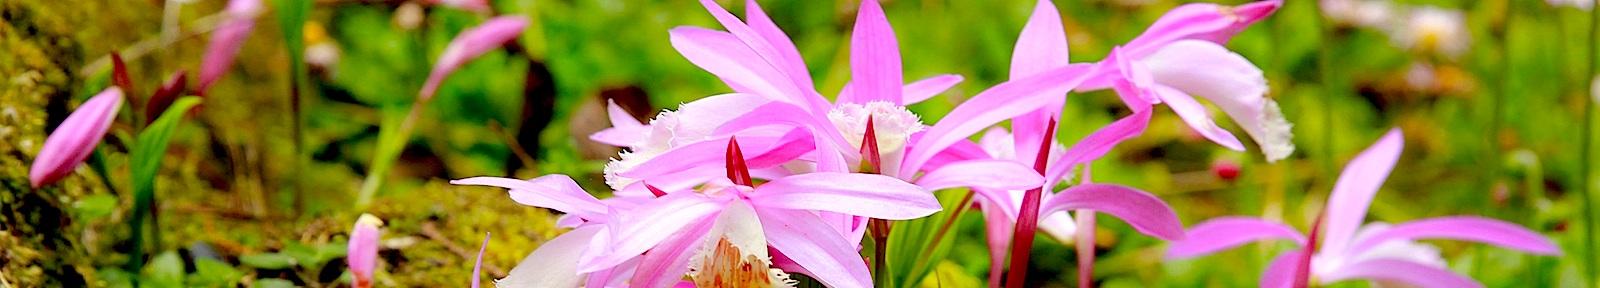 Божий мир цветов Пути Иакова